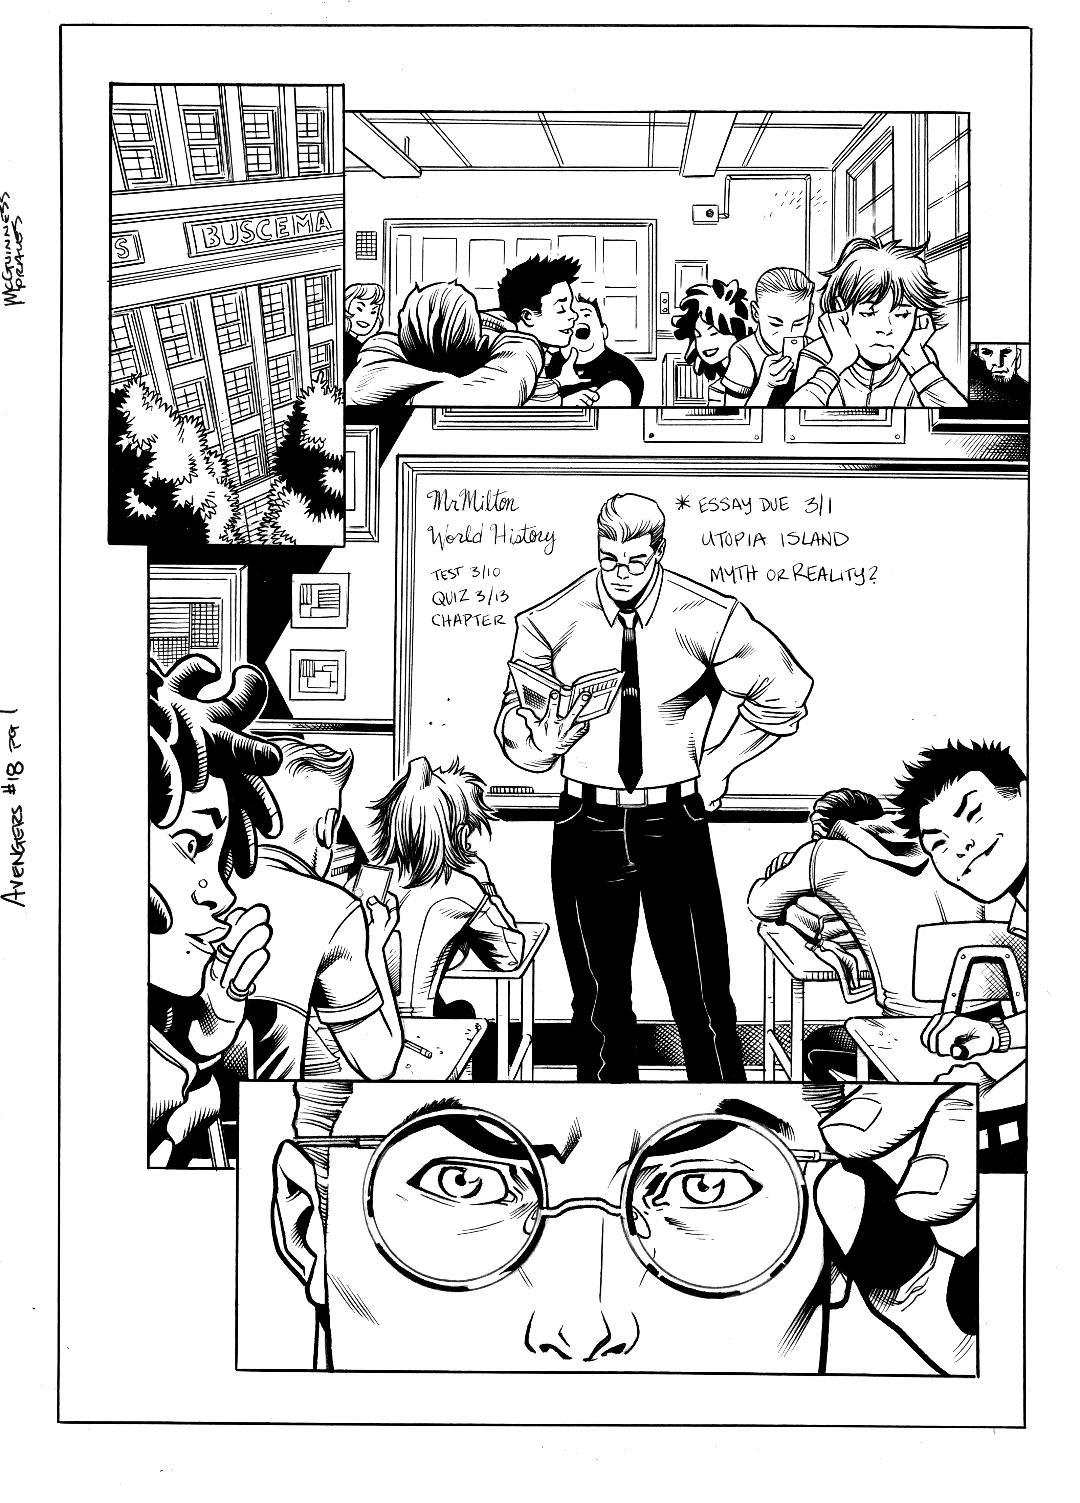 Avengers #18 pg 1